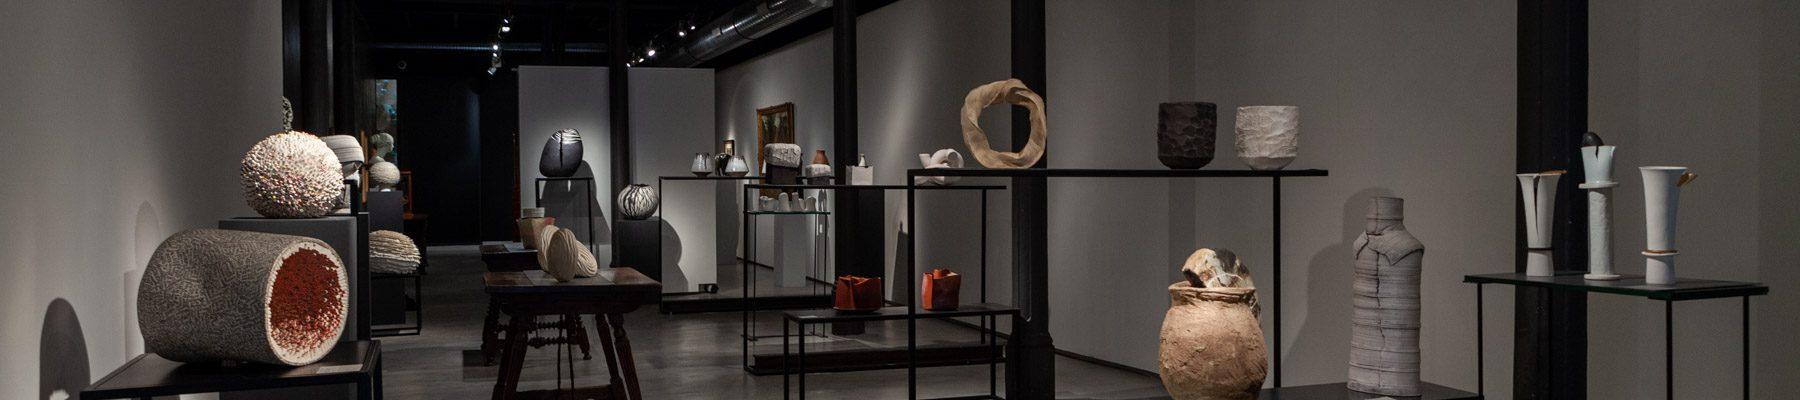 L'art-del-buit-ceramistes-catalans